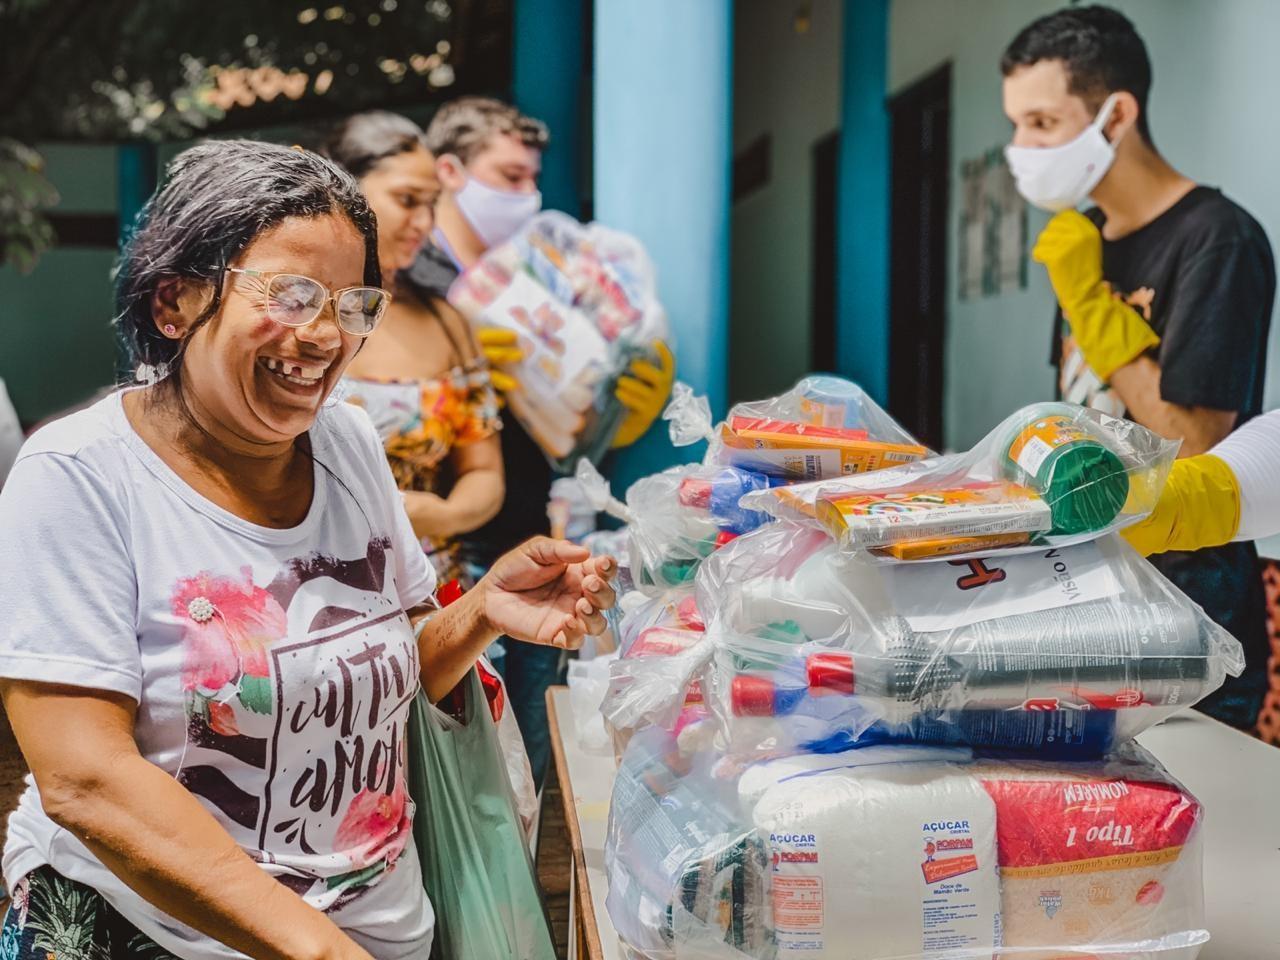 Ação social arrecada doações para distribuir a famílias carentes em Fortaleza